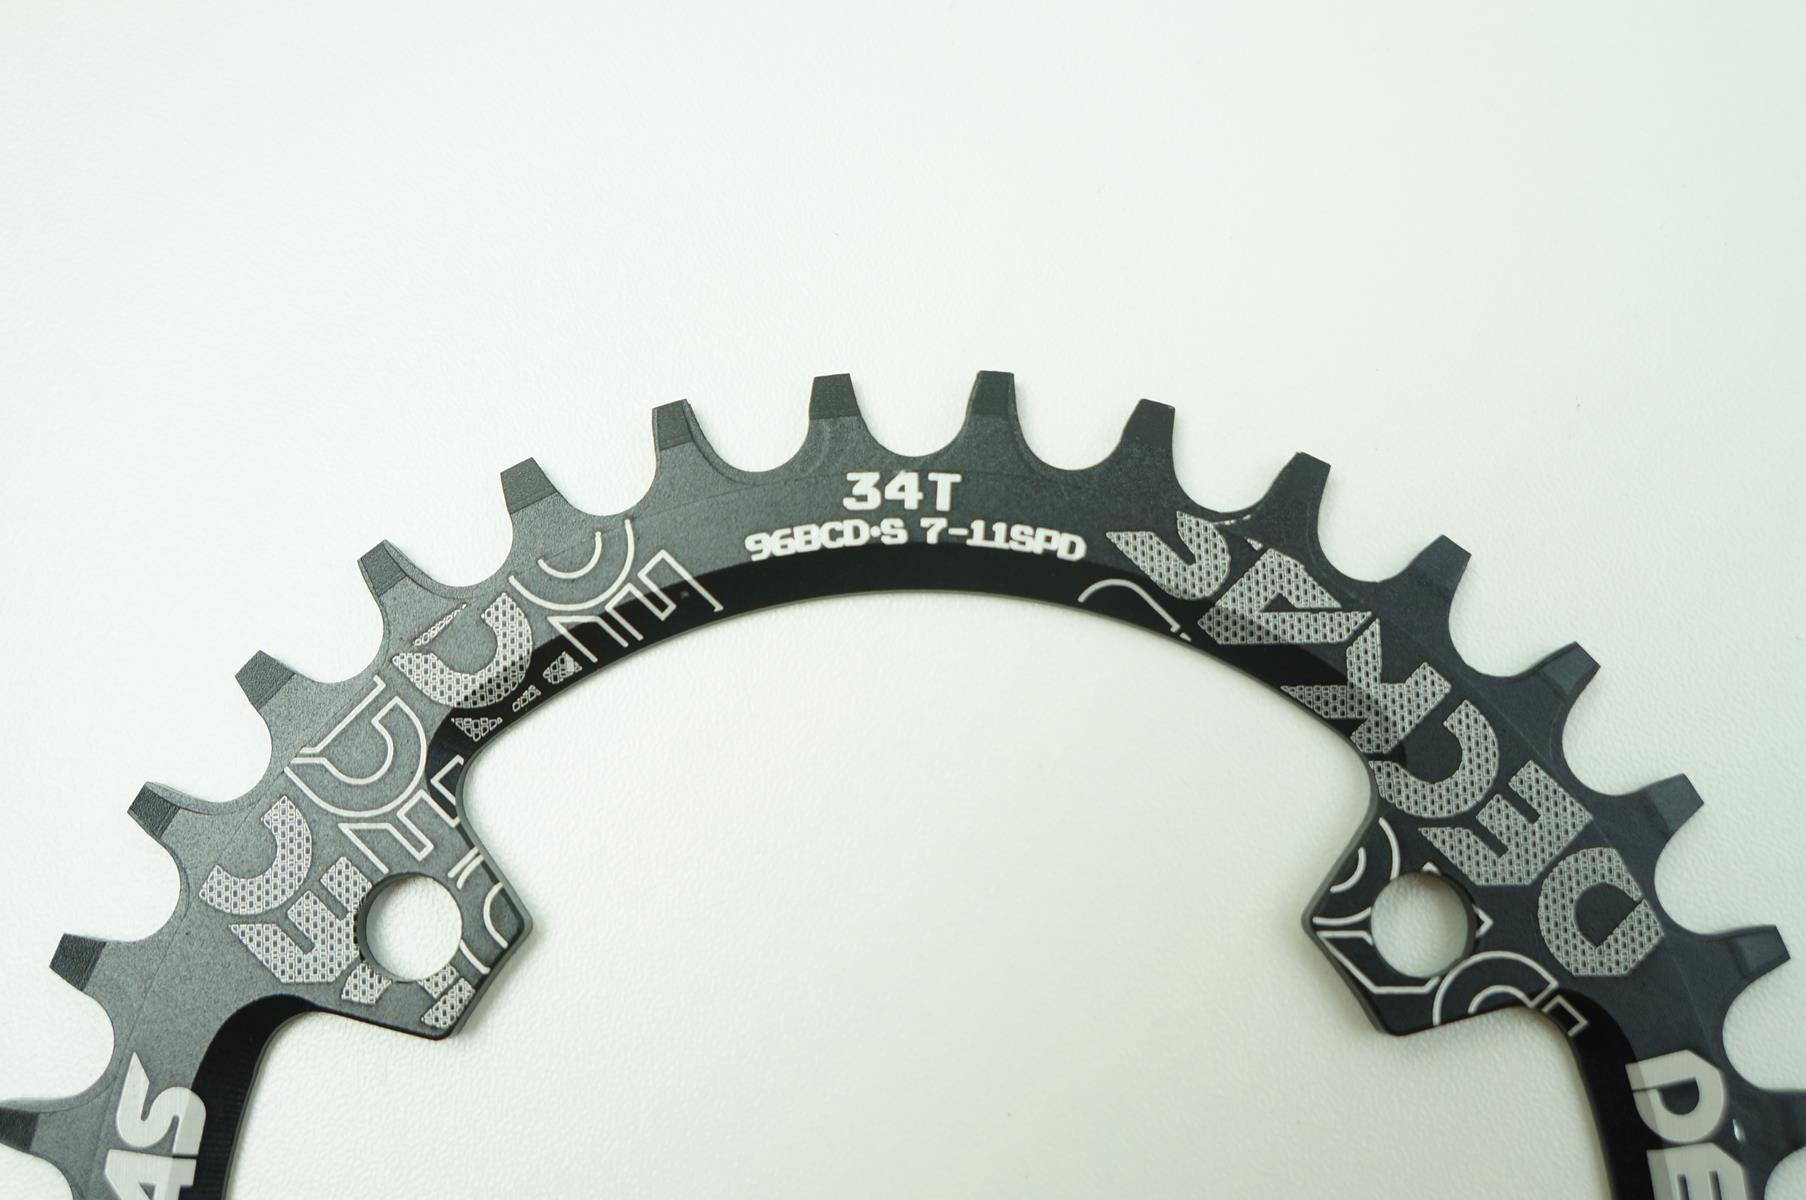 Coroa Unica Mtb Deckas 32 34 36 38 dentes Bcd 96mm Narrow wide Pedivela XT M8000 SLX M7000